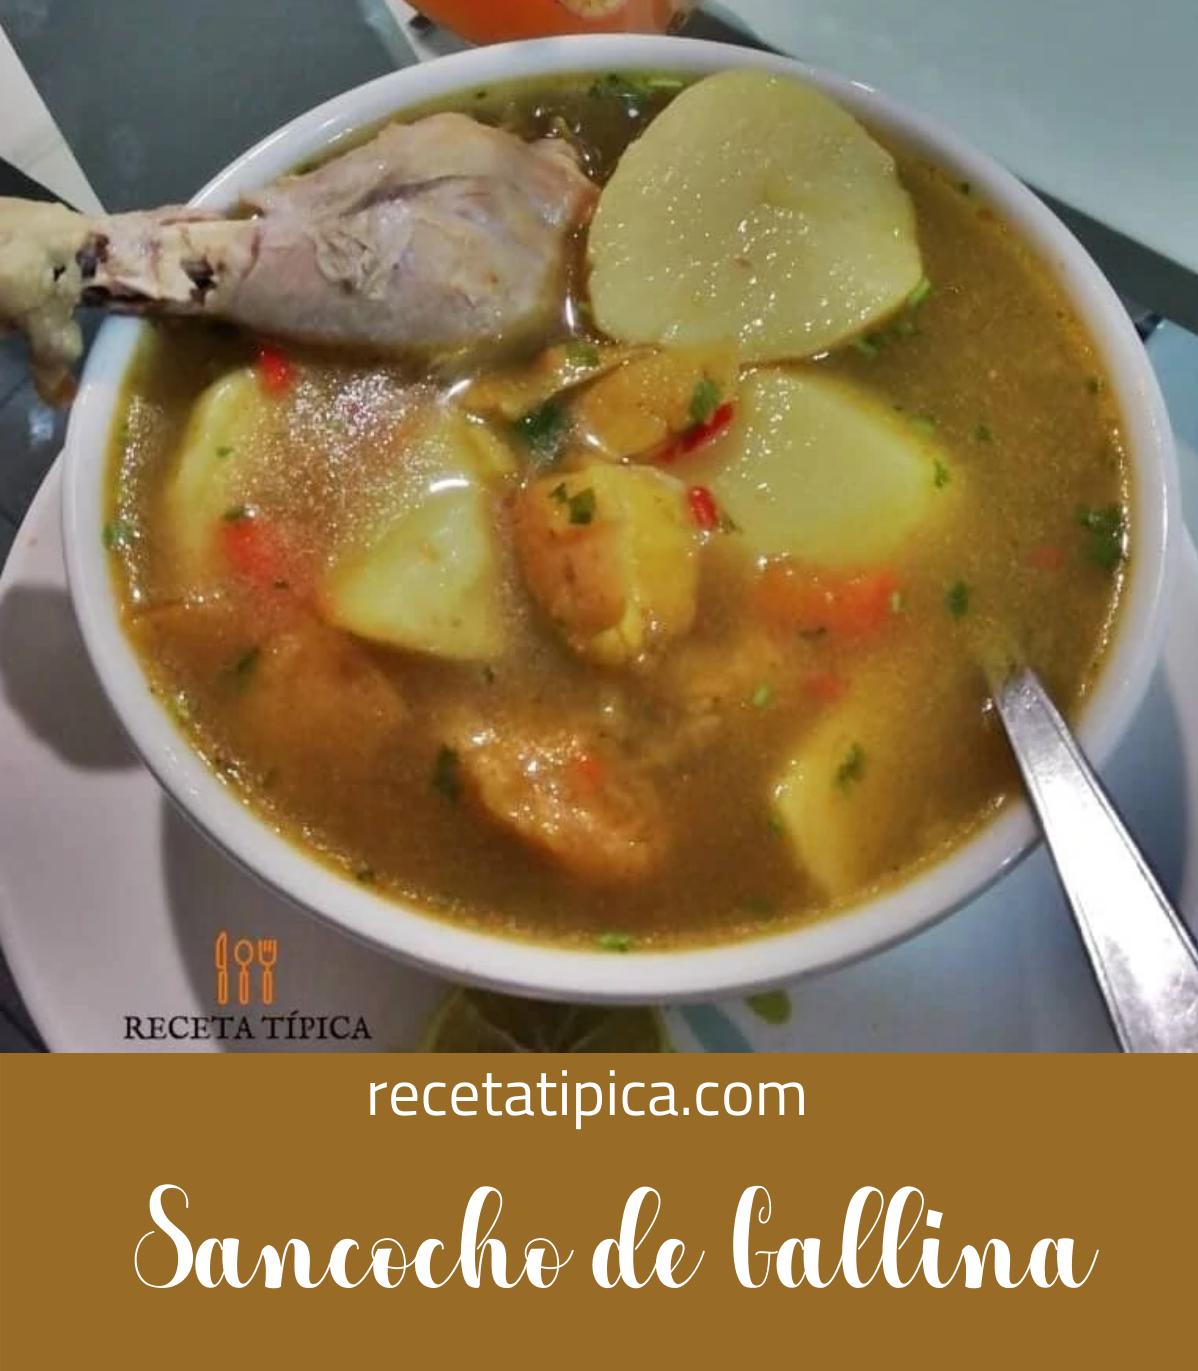 Cómo Hacer Sancocho De Gallina O Pollo La Receta De La Abuela Receta Caldo De Gallina Comidas De Almuerzo Sopa De Gallina